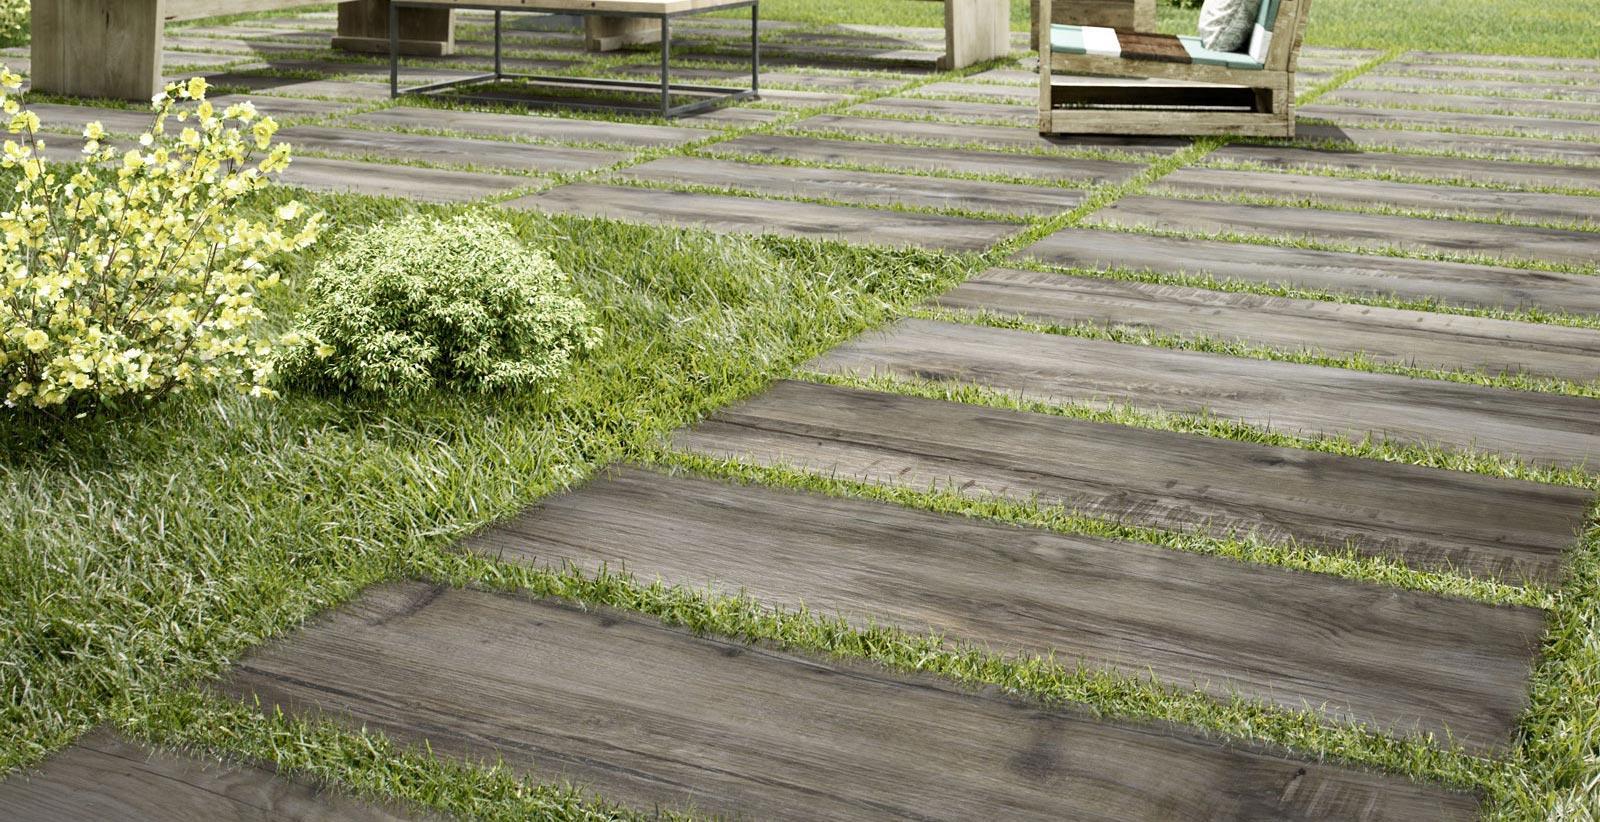 Gartenfliesen: Steinzeug Für Den Außenbereich